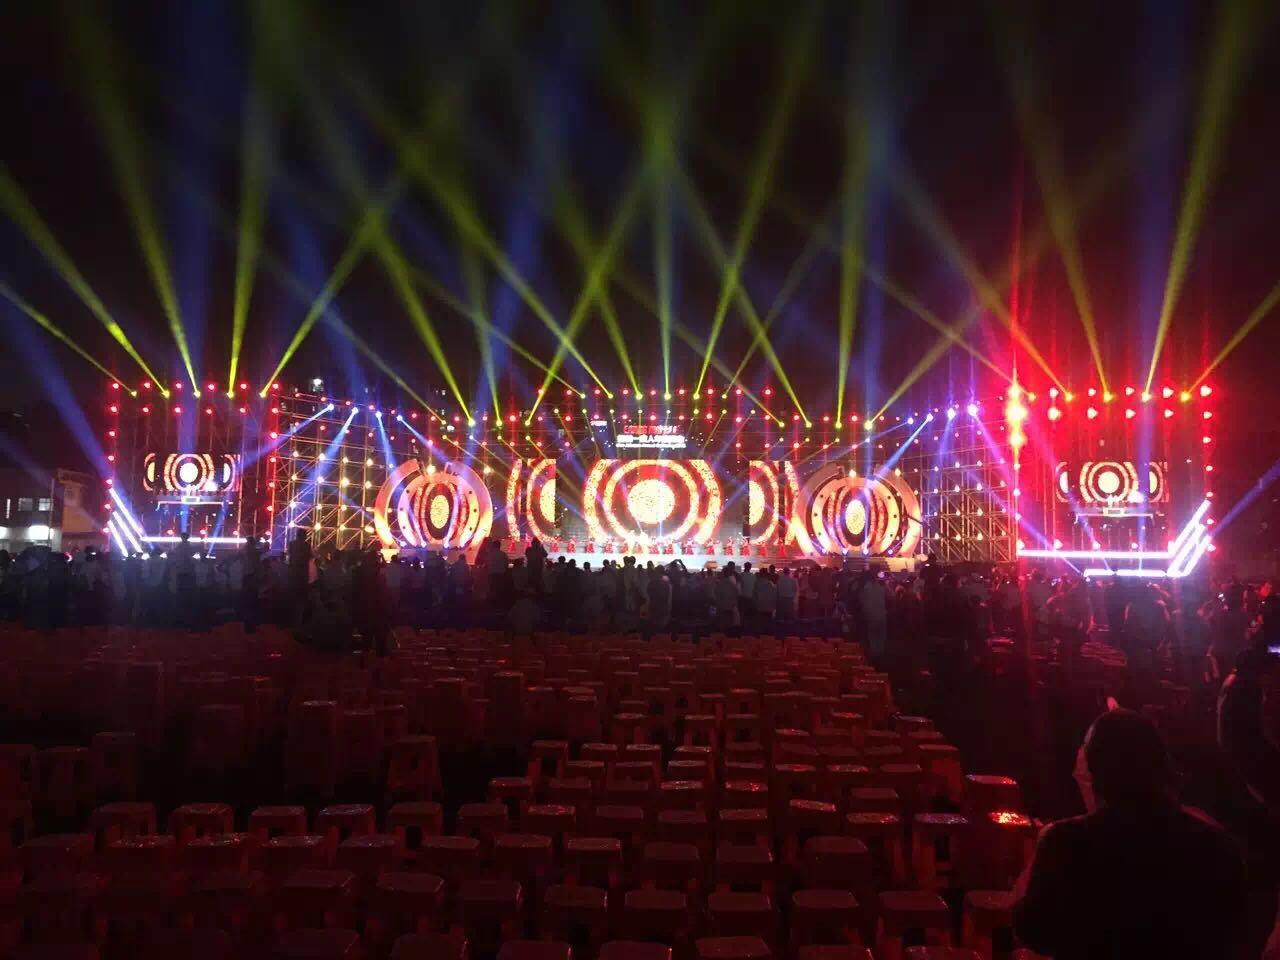 济南市黄河宾馆宴会厅LED舞台屏专用P3.91租赁箱体(奥马哈)